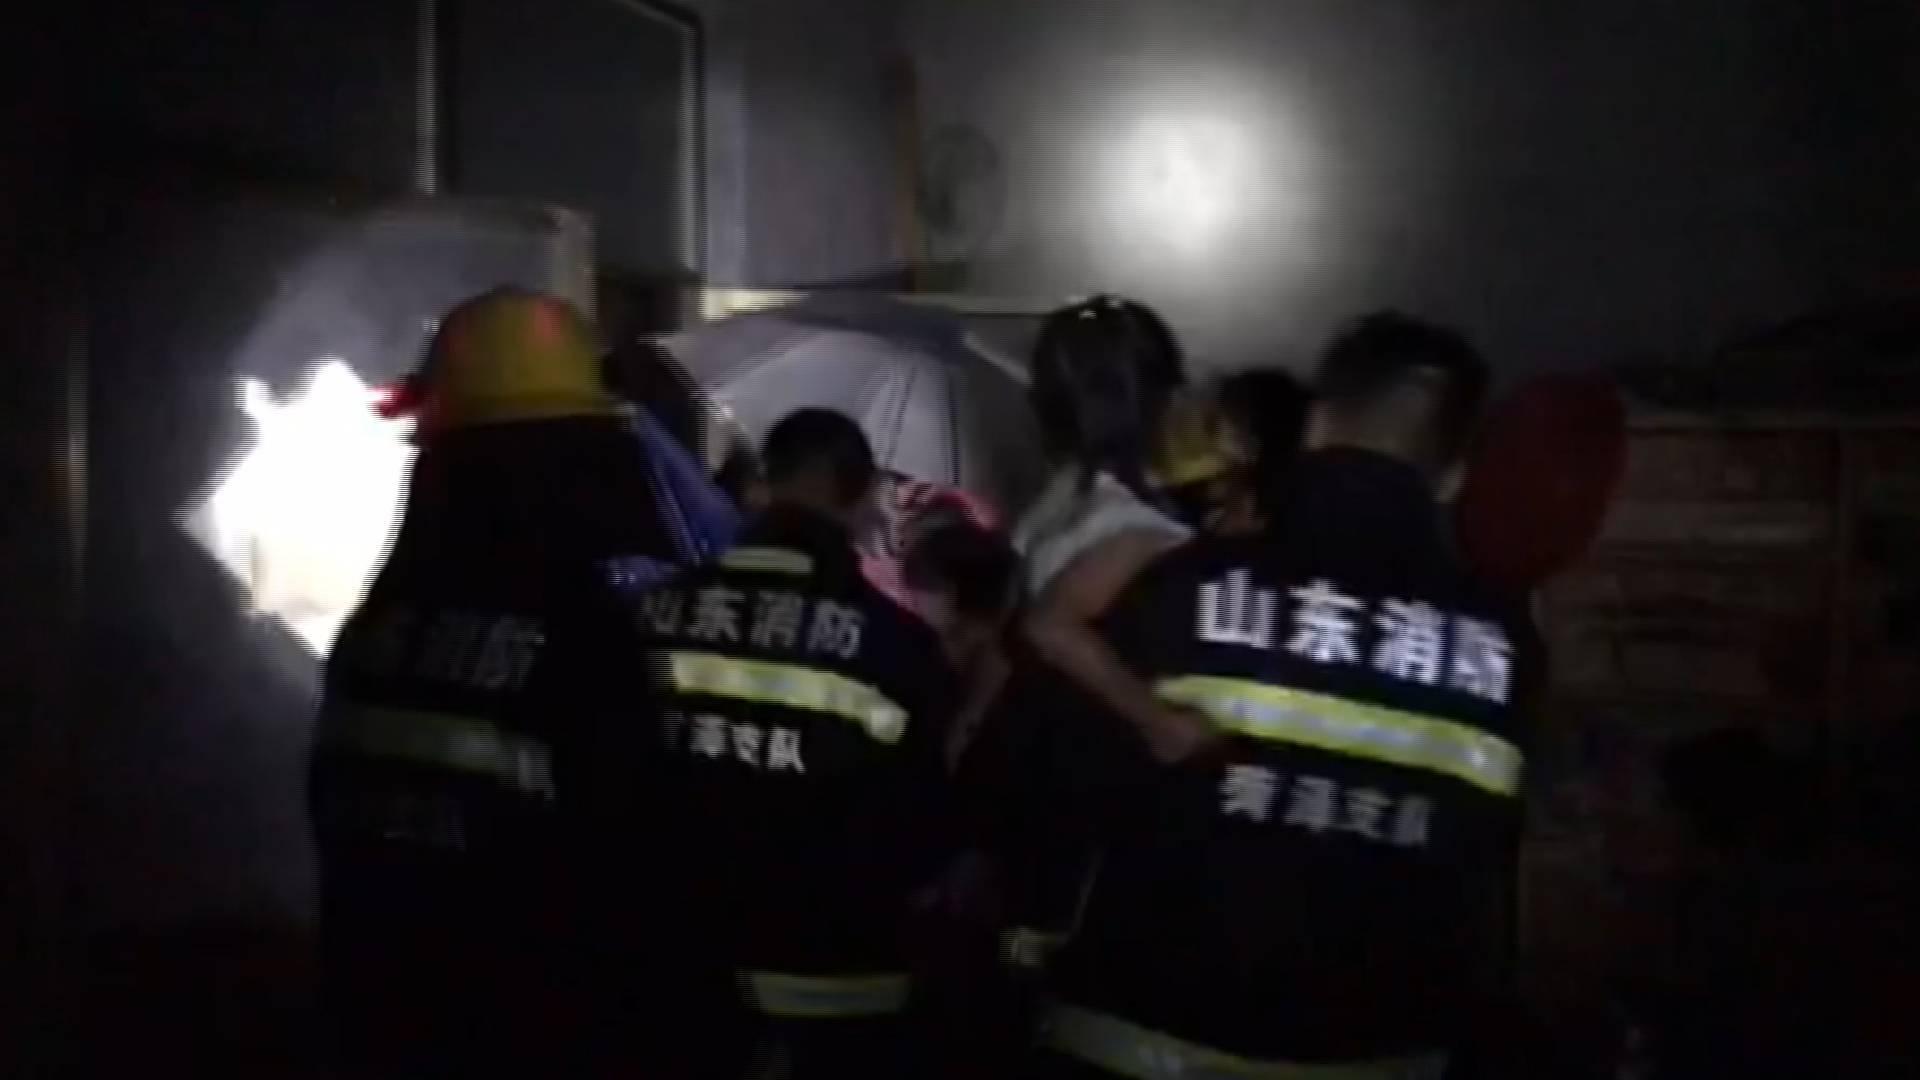 菏泽定陶强降雨来袭 消防员紧急转移5名群众、4小时排水400立方米